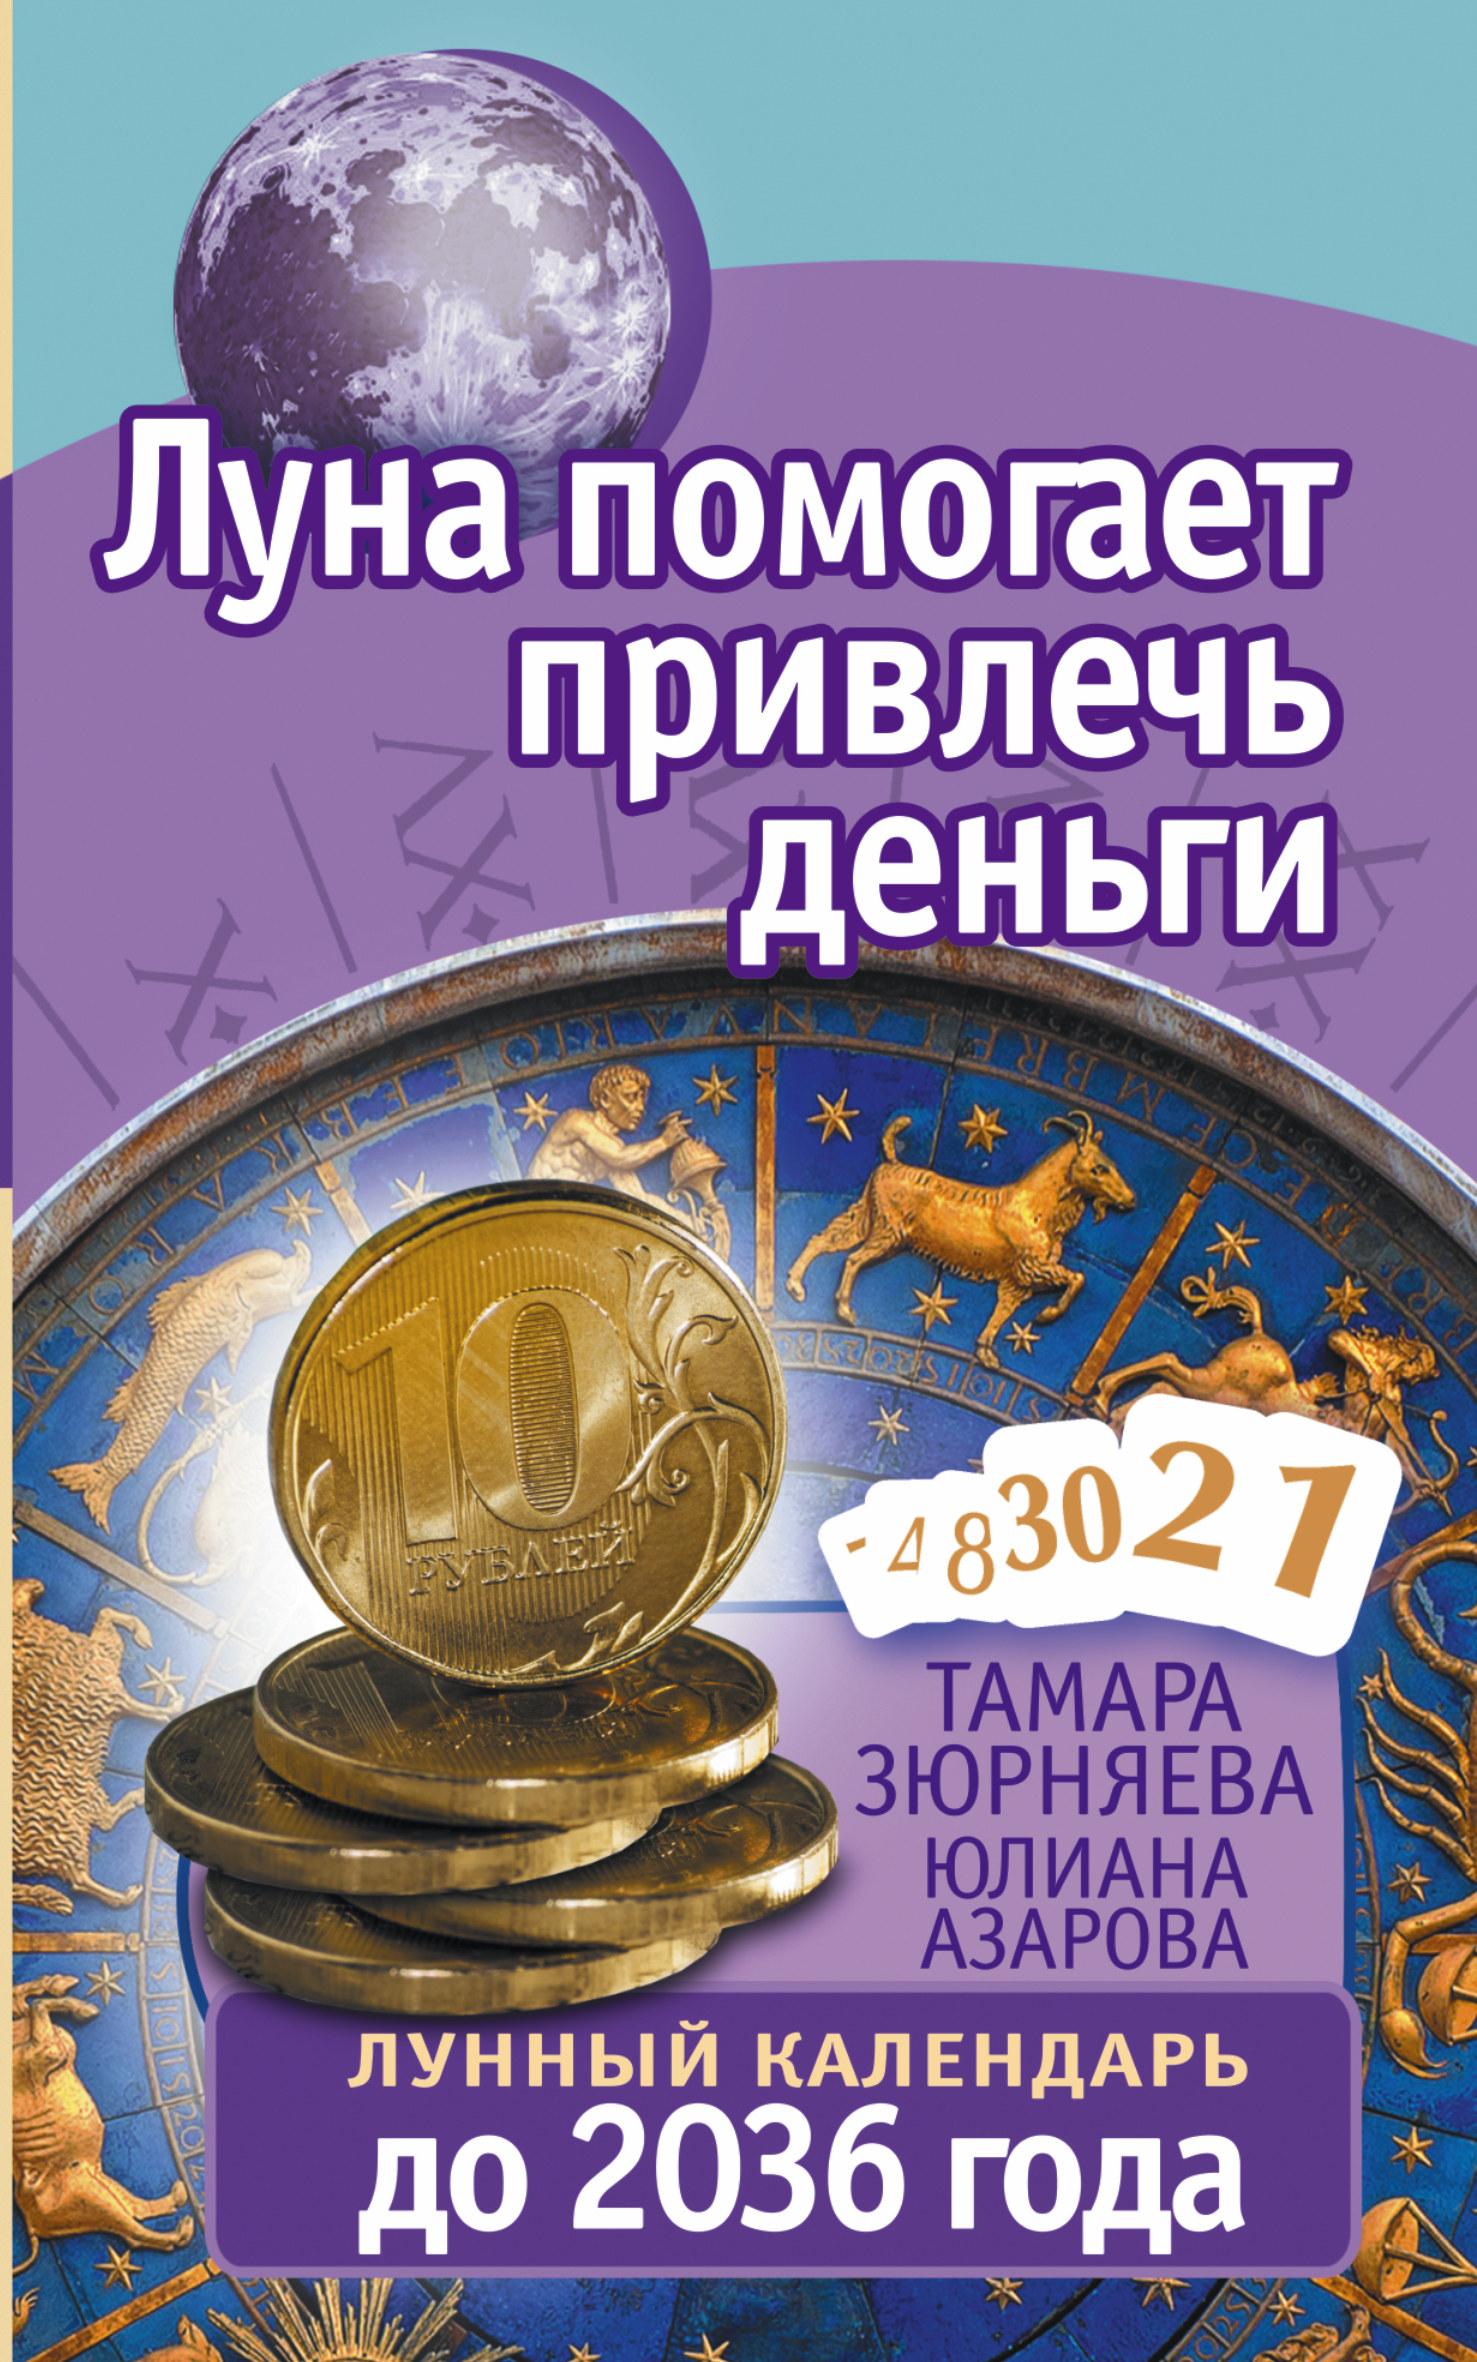 Зюрняева Тамара, Азарова Юлиана Луна помогает привлечь деньги. Лунный календарь до 2036 года зюрняева т азарова ю луна помогает привлечь деньги лунный календарь на 20 лет